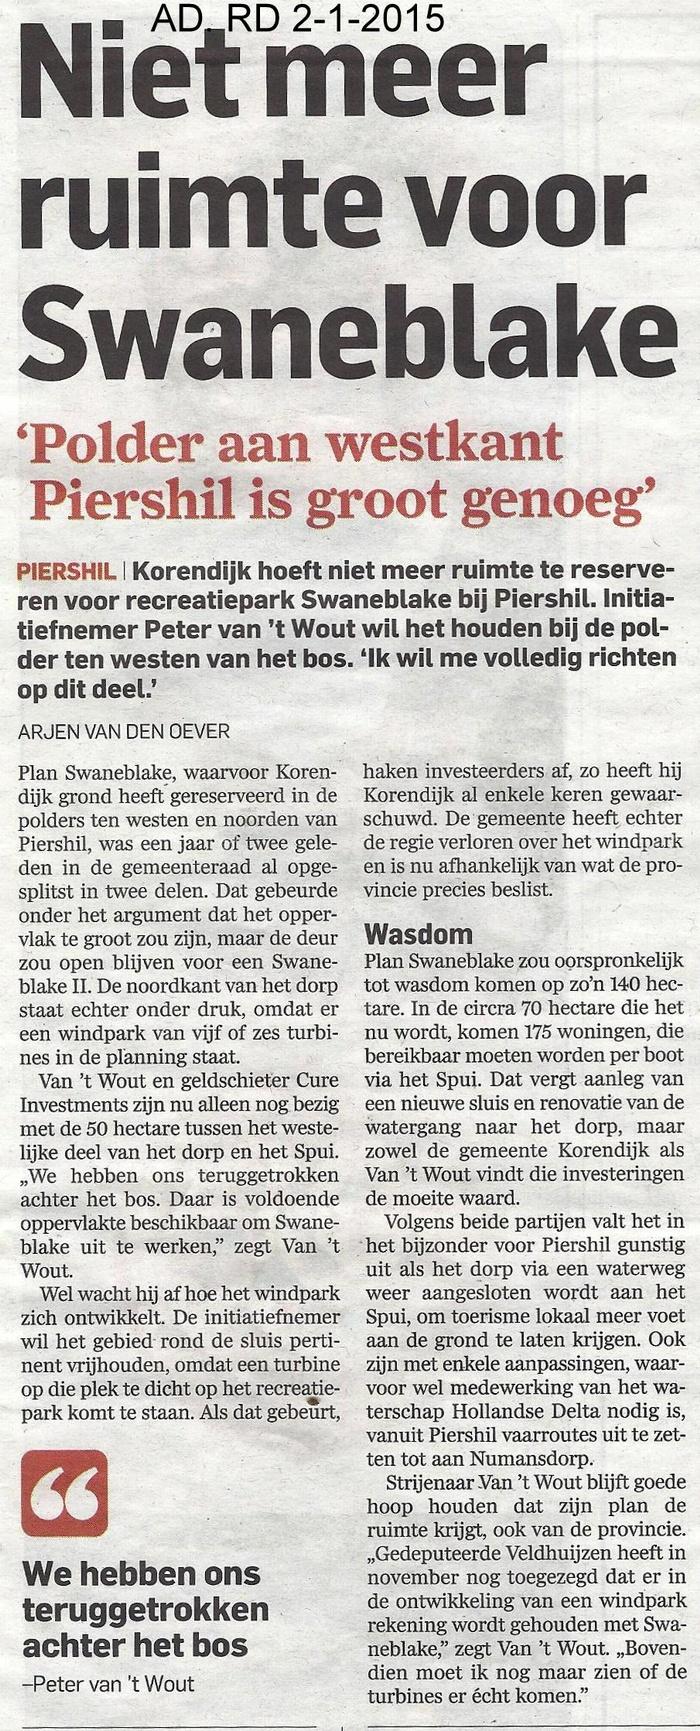 knipsel-swaneblake-nietmeer-ruimte-adrd-2jan2015